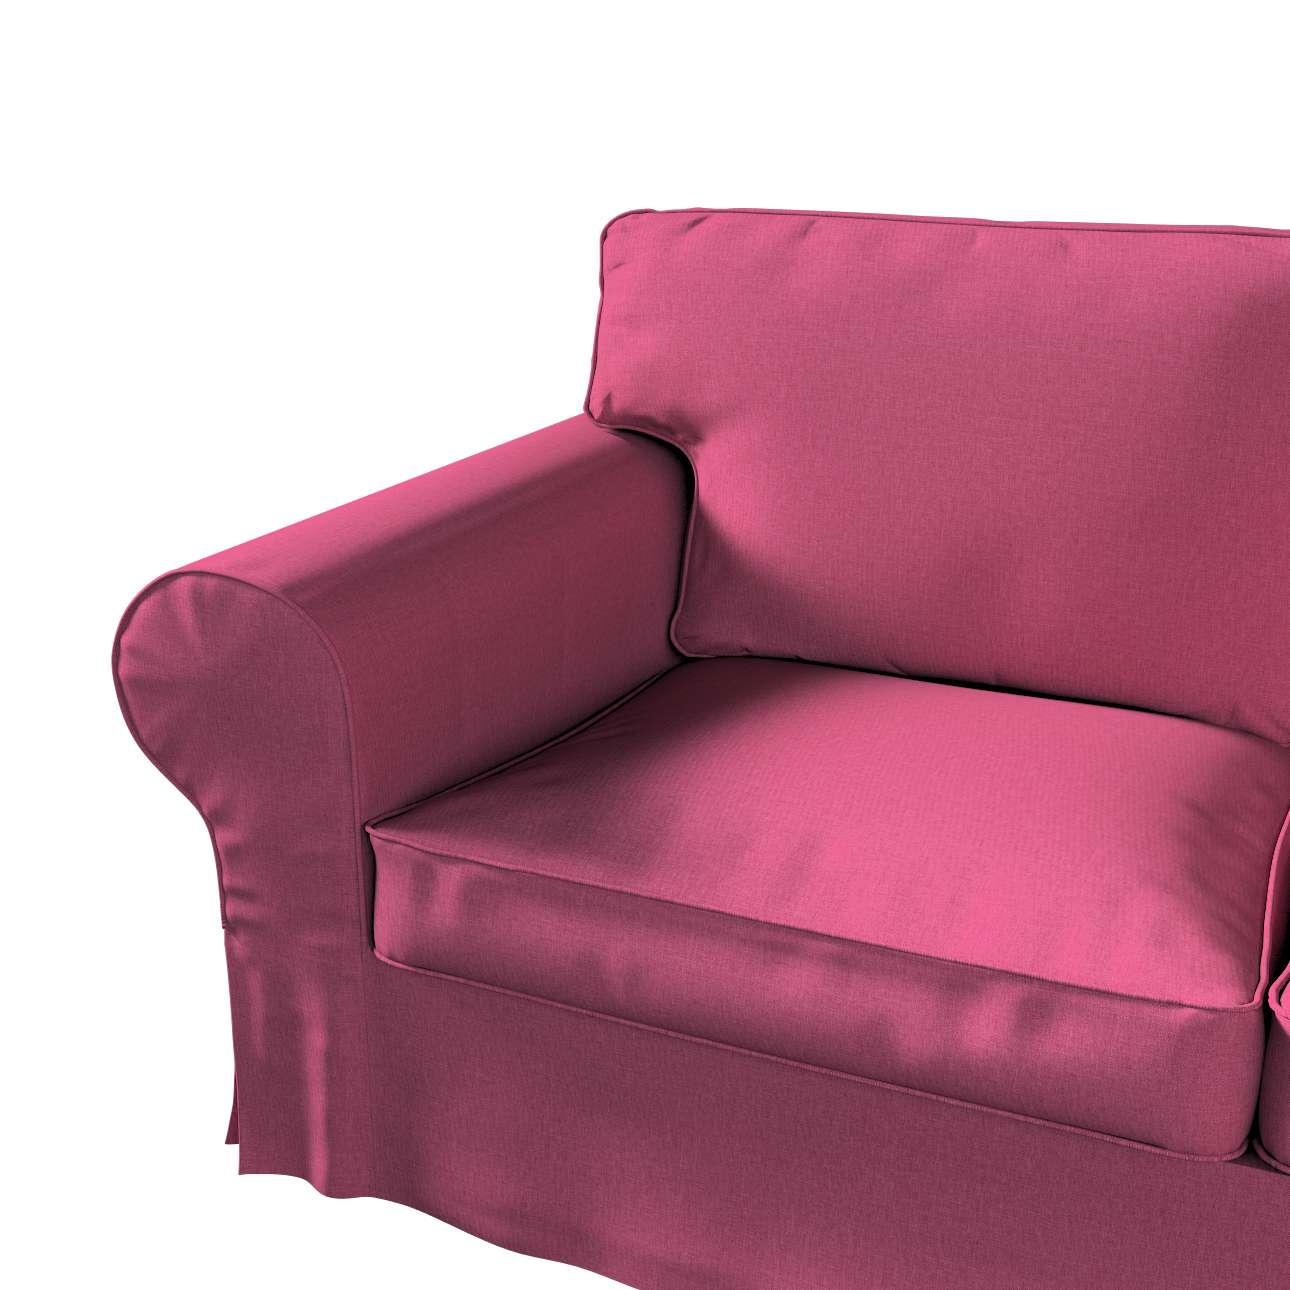 Bezug für Ektorp 2-Sitzer Sofa mit Recamiere von der Kollektion Living, Stoff: 160-44